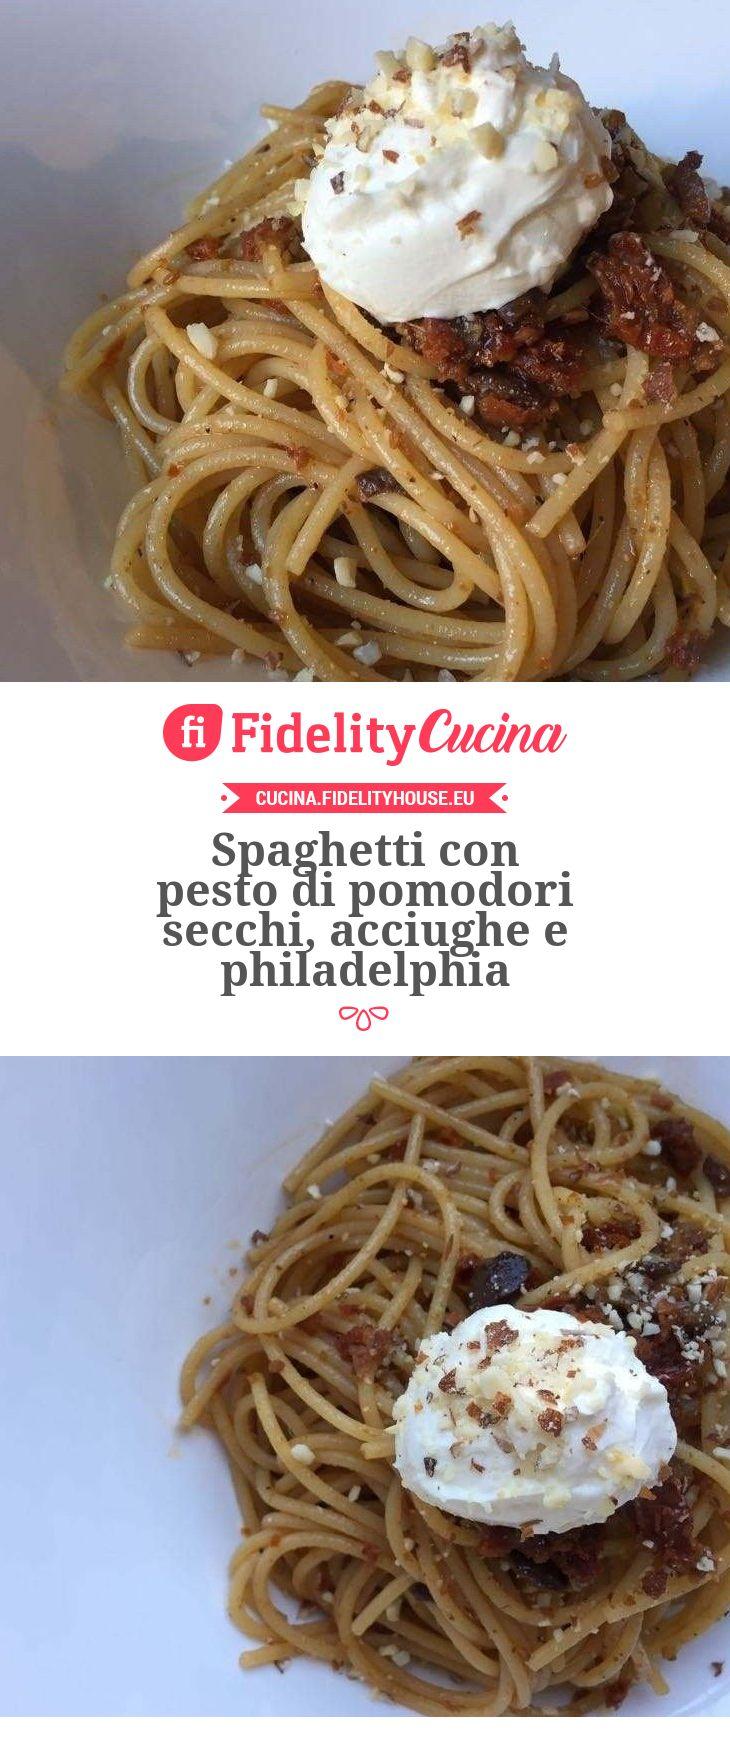 Spaghetti con pesto di pomodori secchi, acciughe e philadelphia